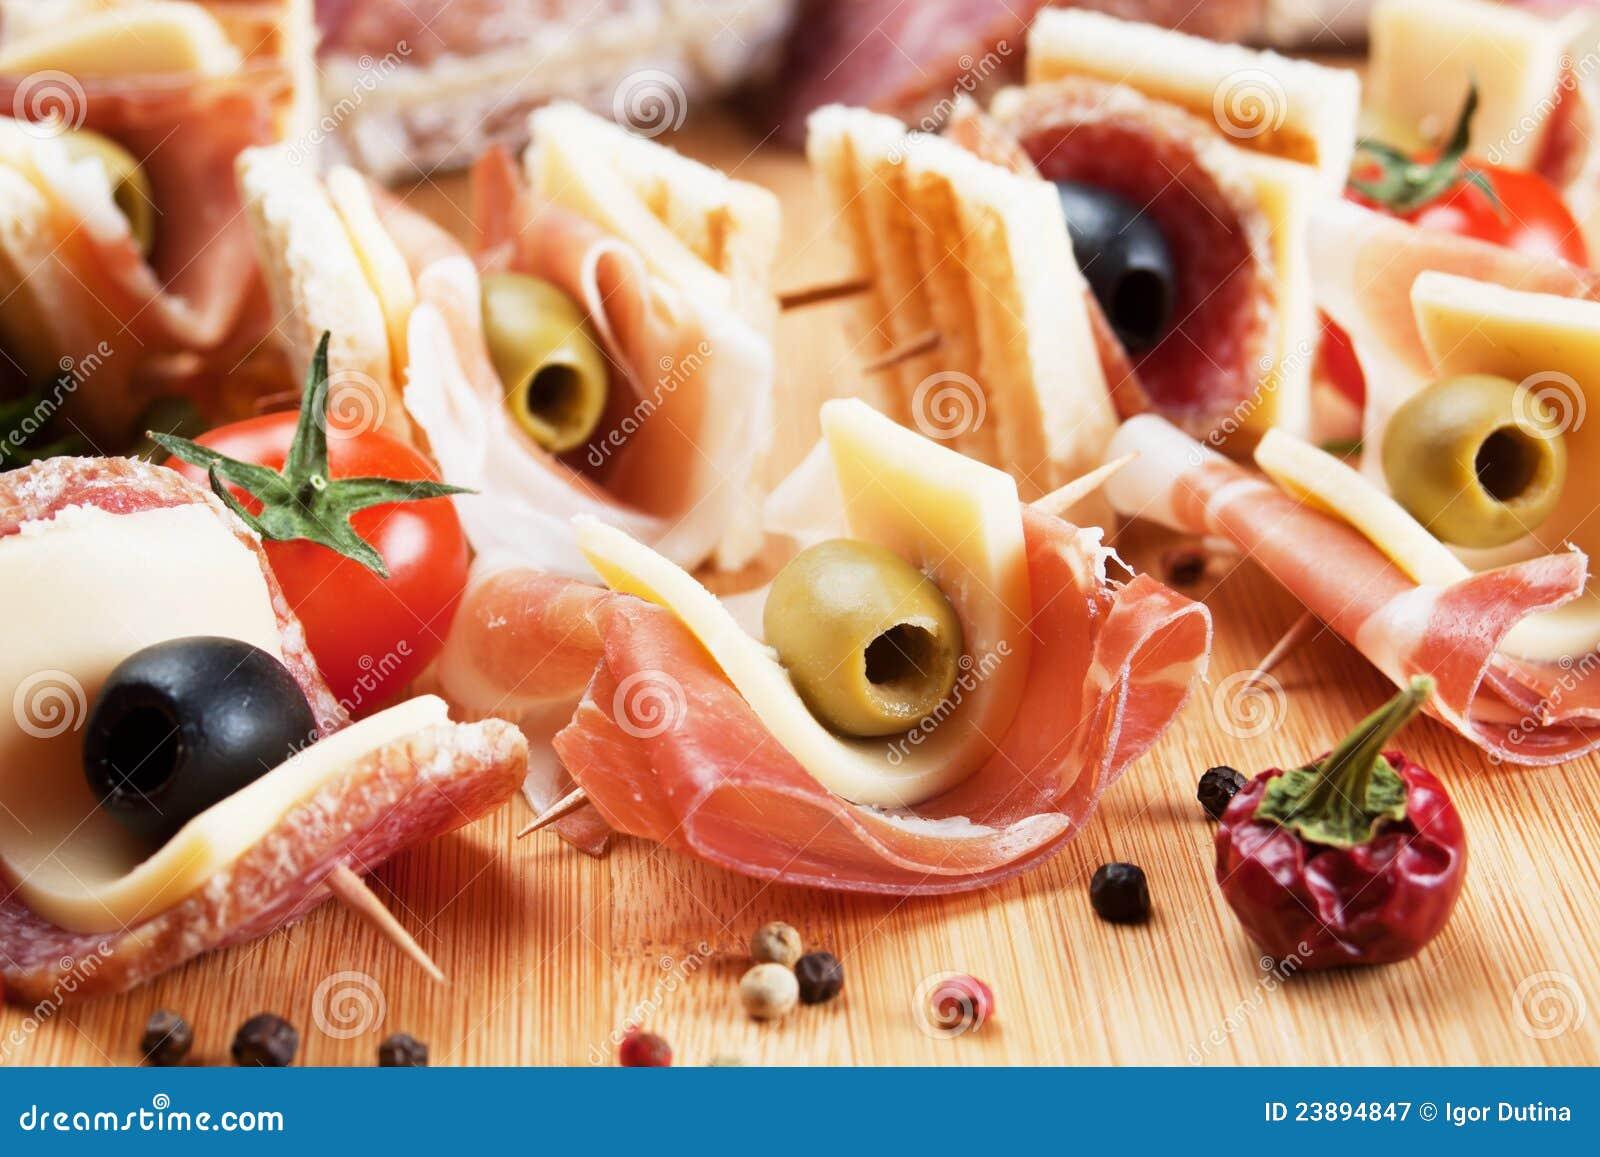 Prosciutto and salami canape royalty free stock for Prosciutto canape